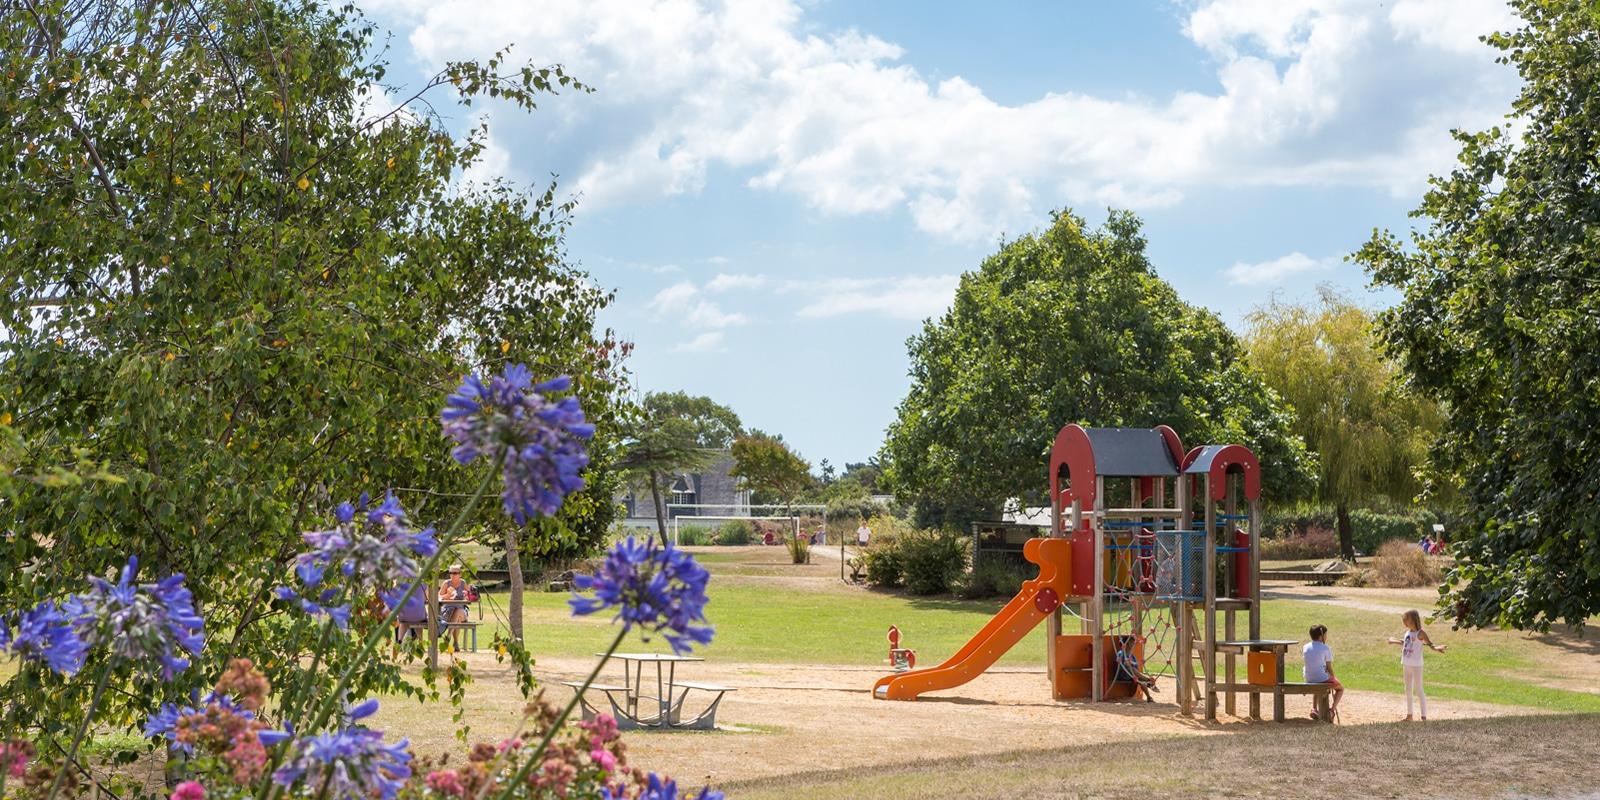 Le parc Césarine, aire de jeux pour enfants à Carnac